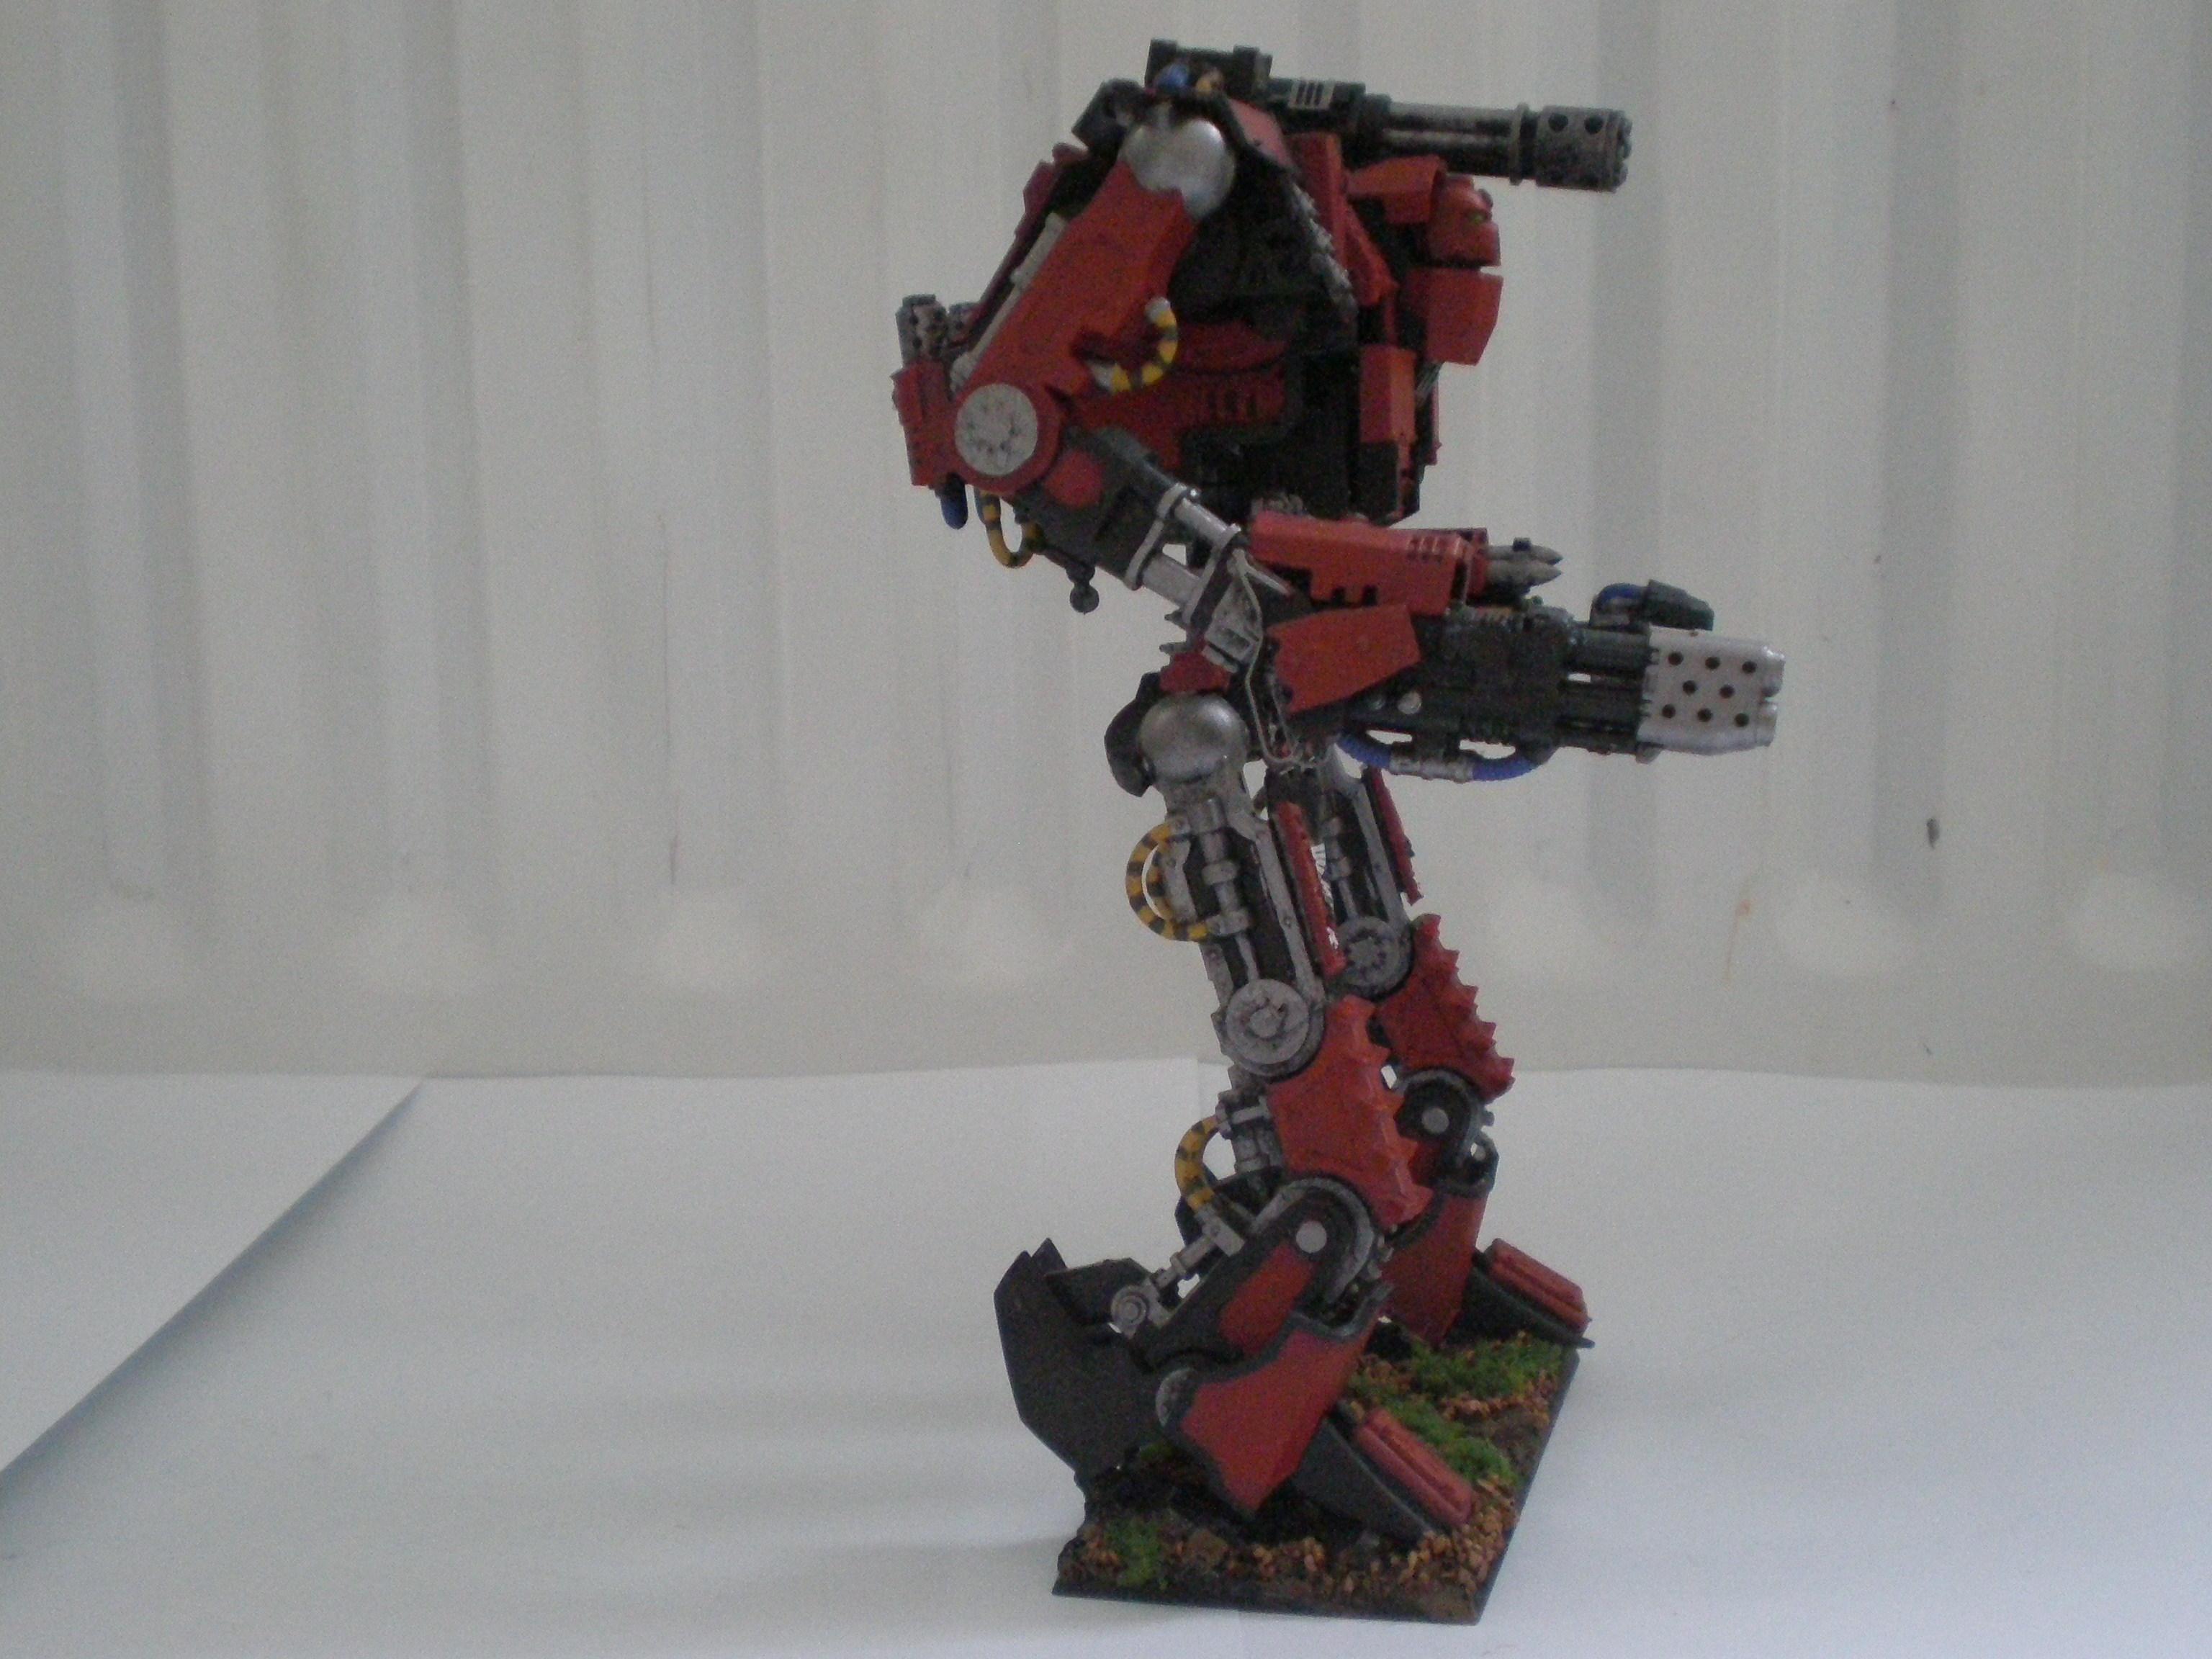 Ad Mech, Adeptus Mechanicus, Knights, Mechanicus, Titan, Warhammer 40,000